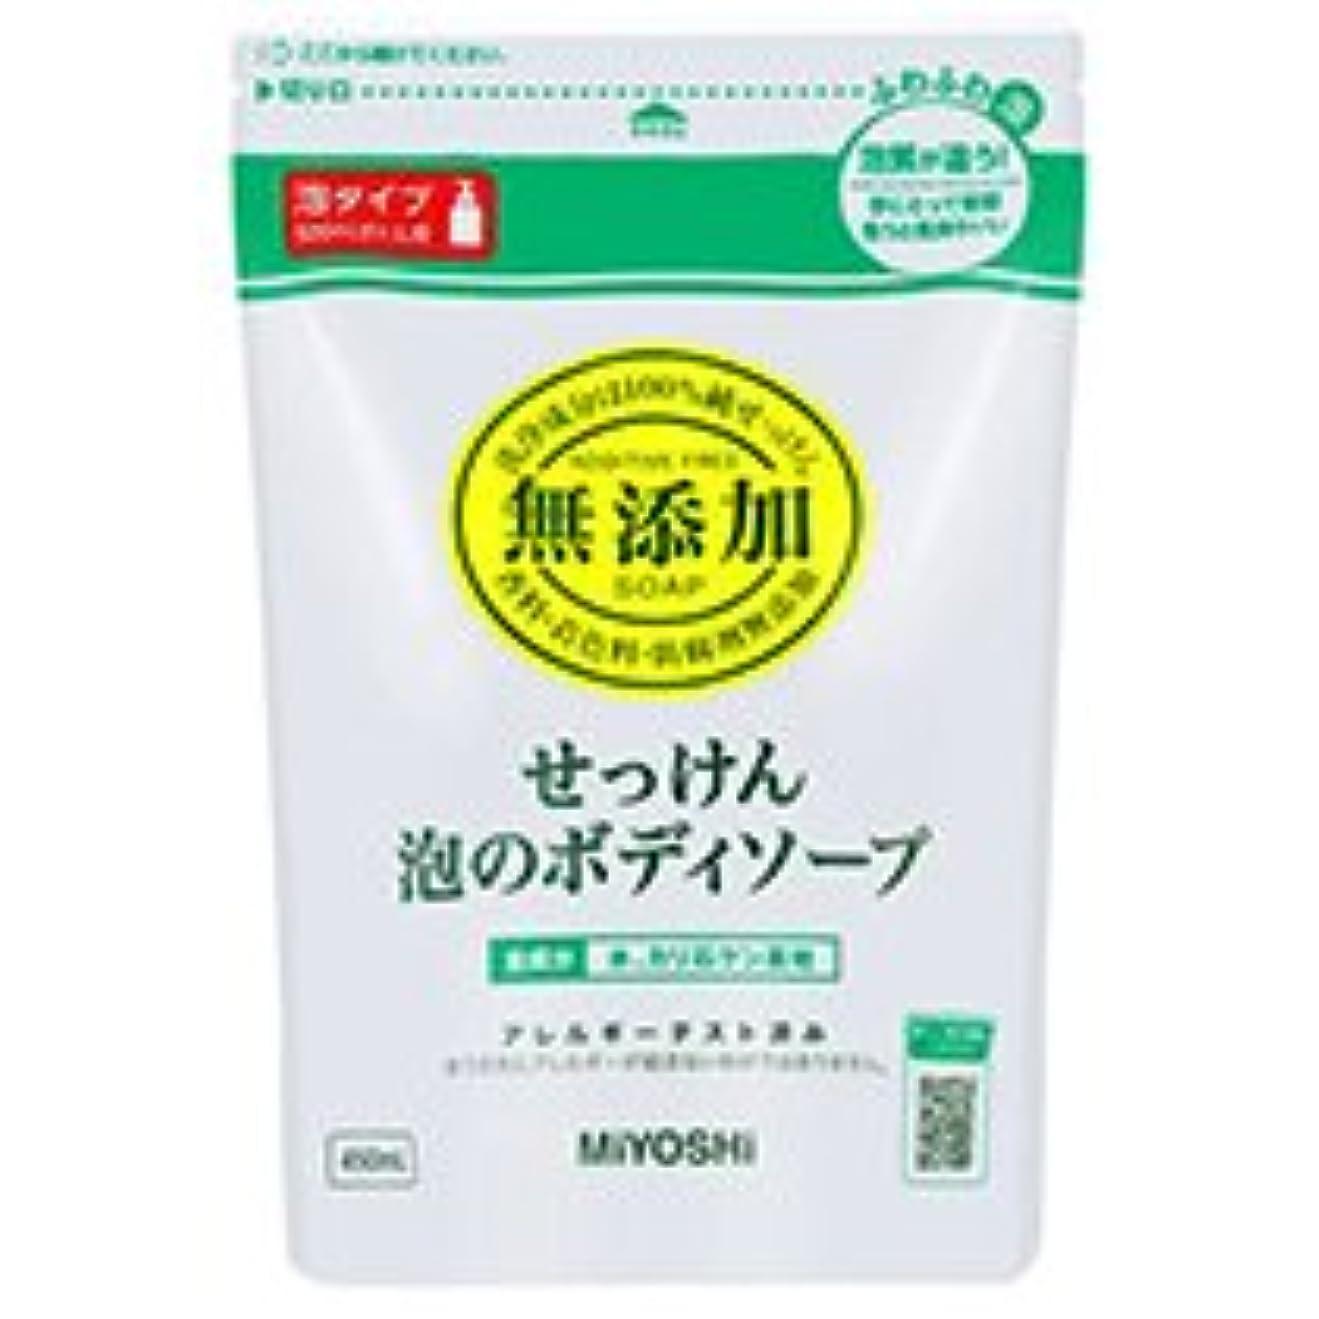 ブリークめまいが素晴らしいミヨシ石鹸 無添加せっけん 泡のボディソープ 詰替用 450ml 1個